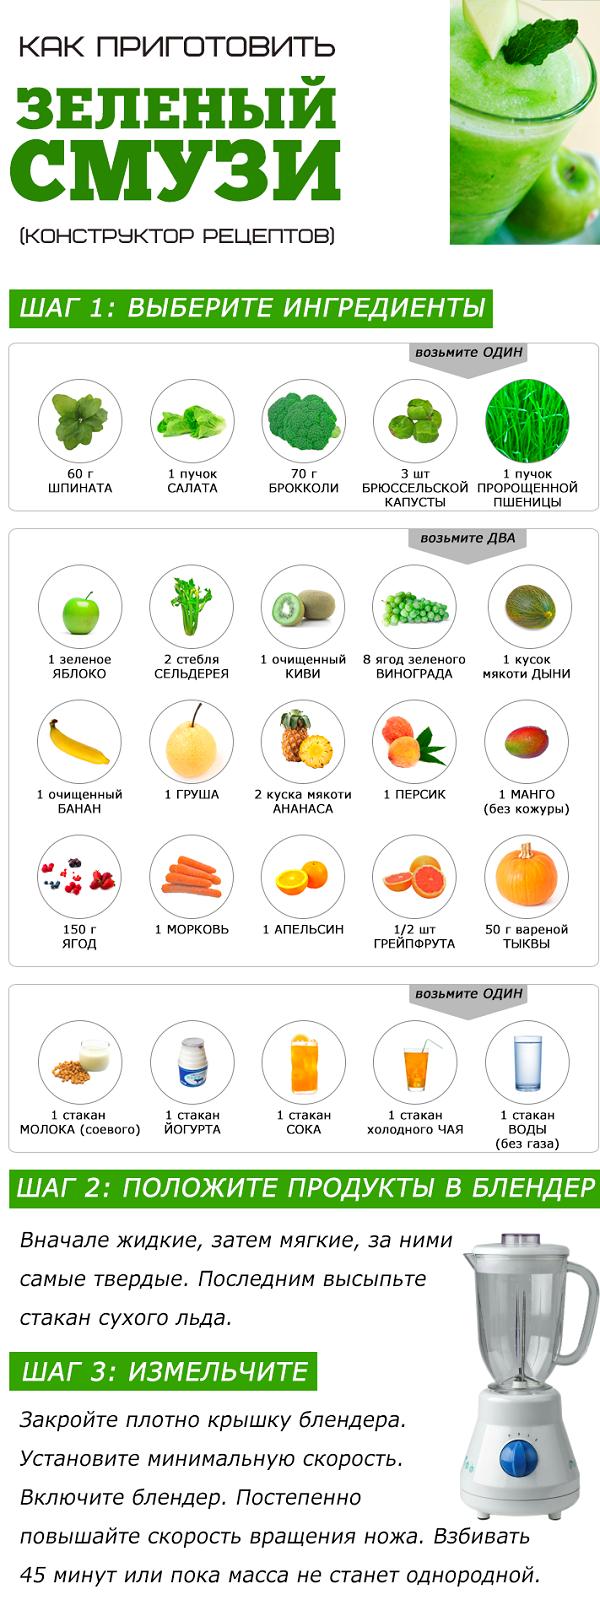 рецепты смузи для похудения в картинках соответствии новым обвинительным